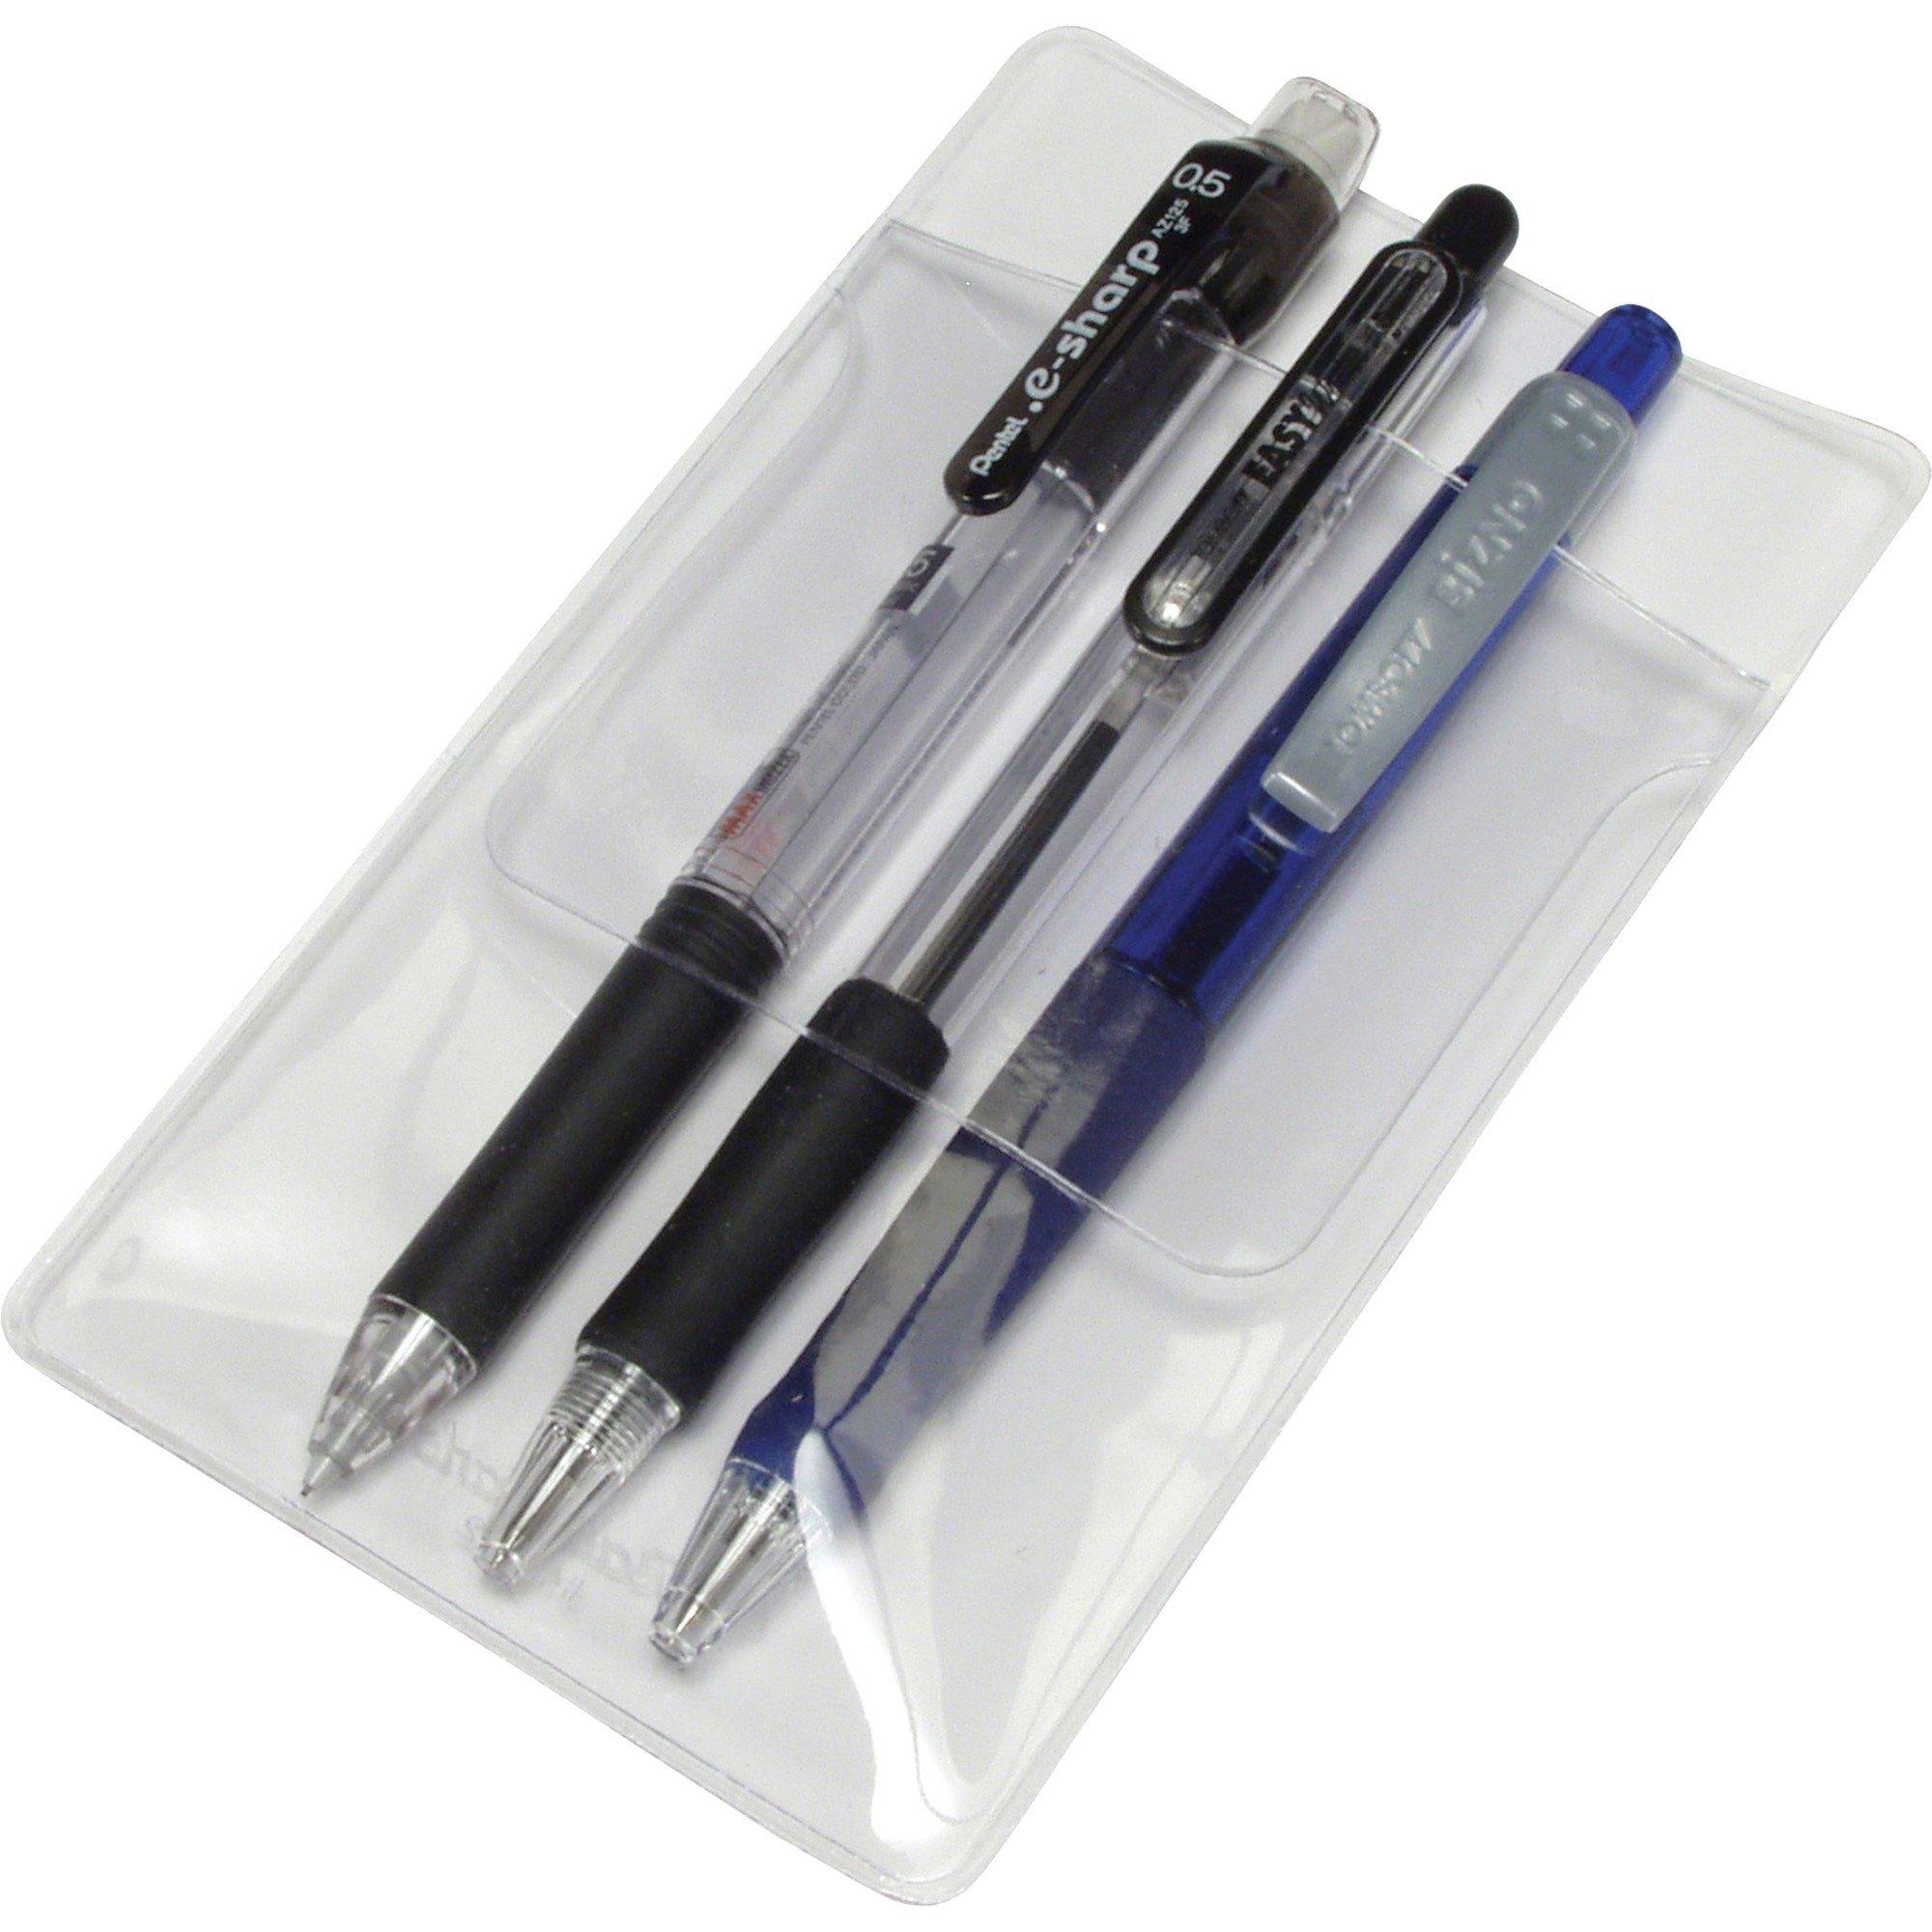 Baumgartens 46502 Pocket Protectors for Pen Leaks 6/BX Clear